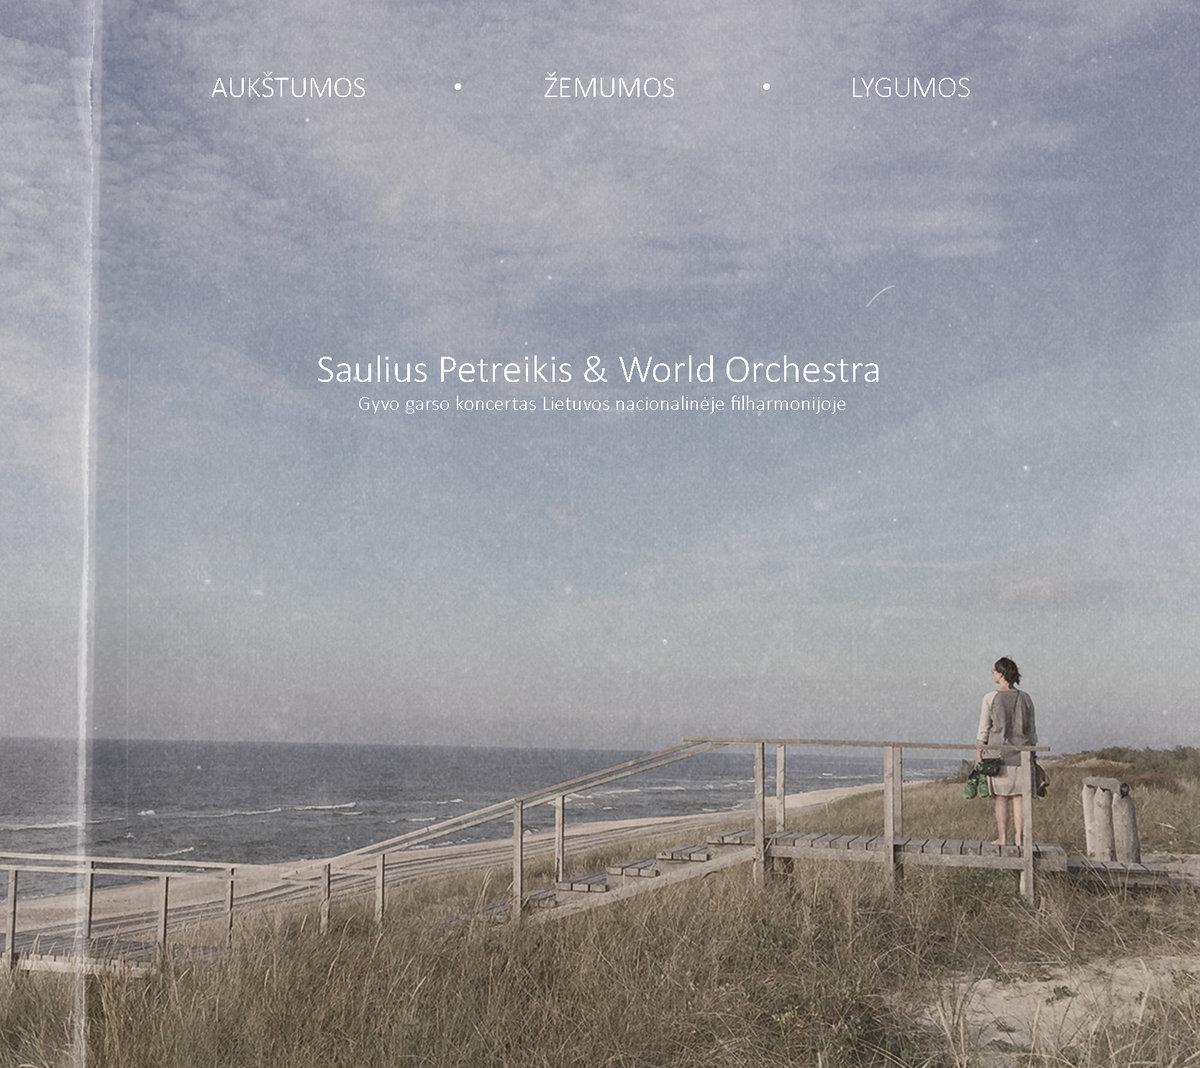 Saulius Petreikis & World Orchestra: Aukstumos - Zemumos - Lygumos